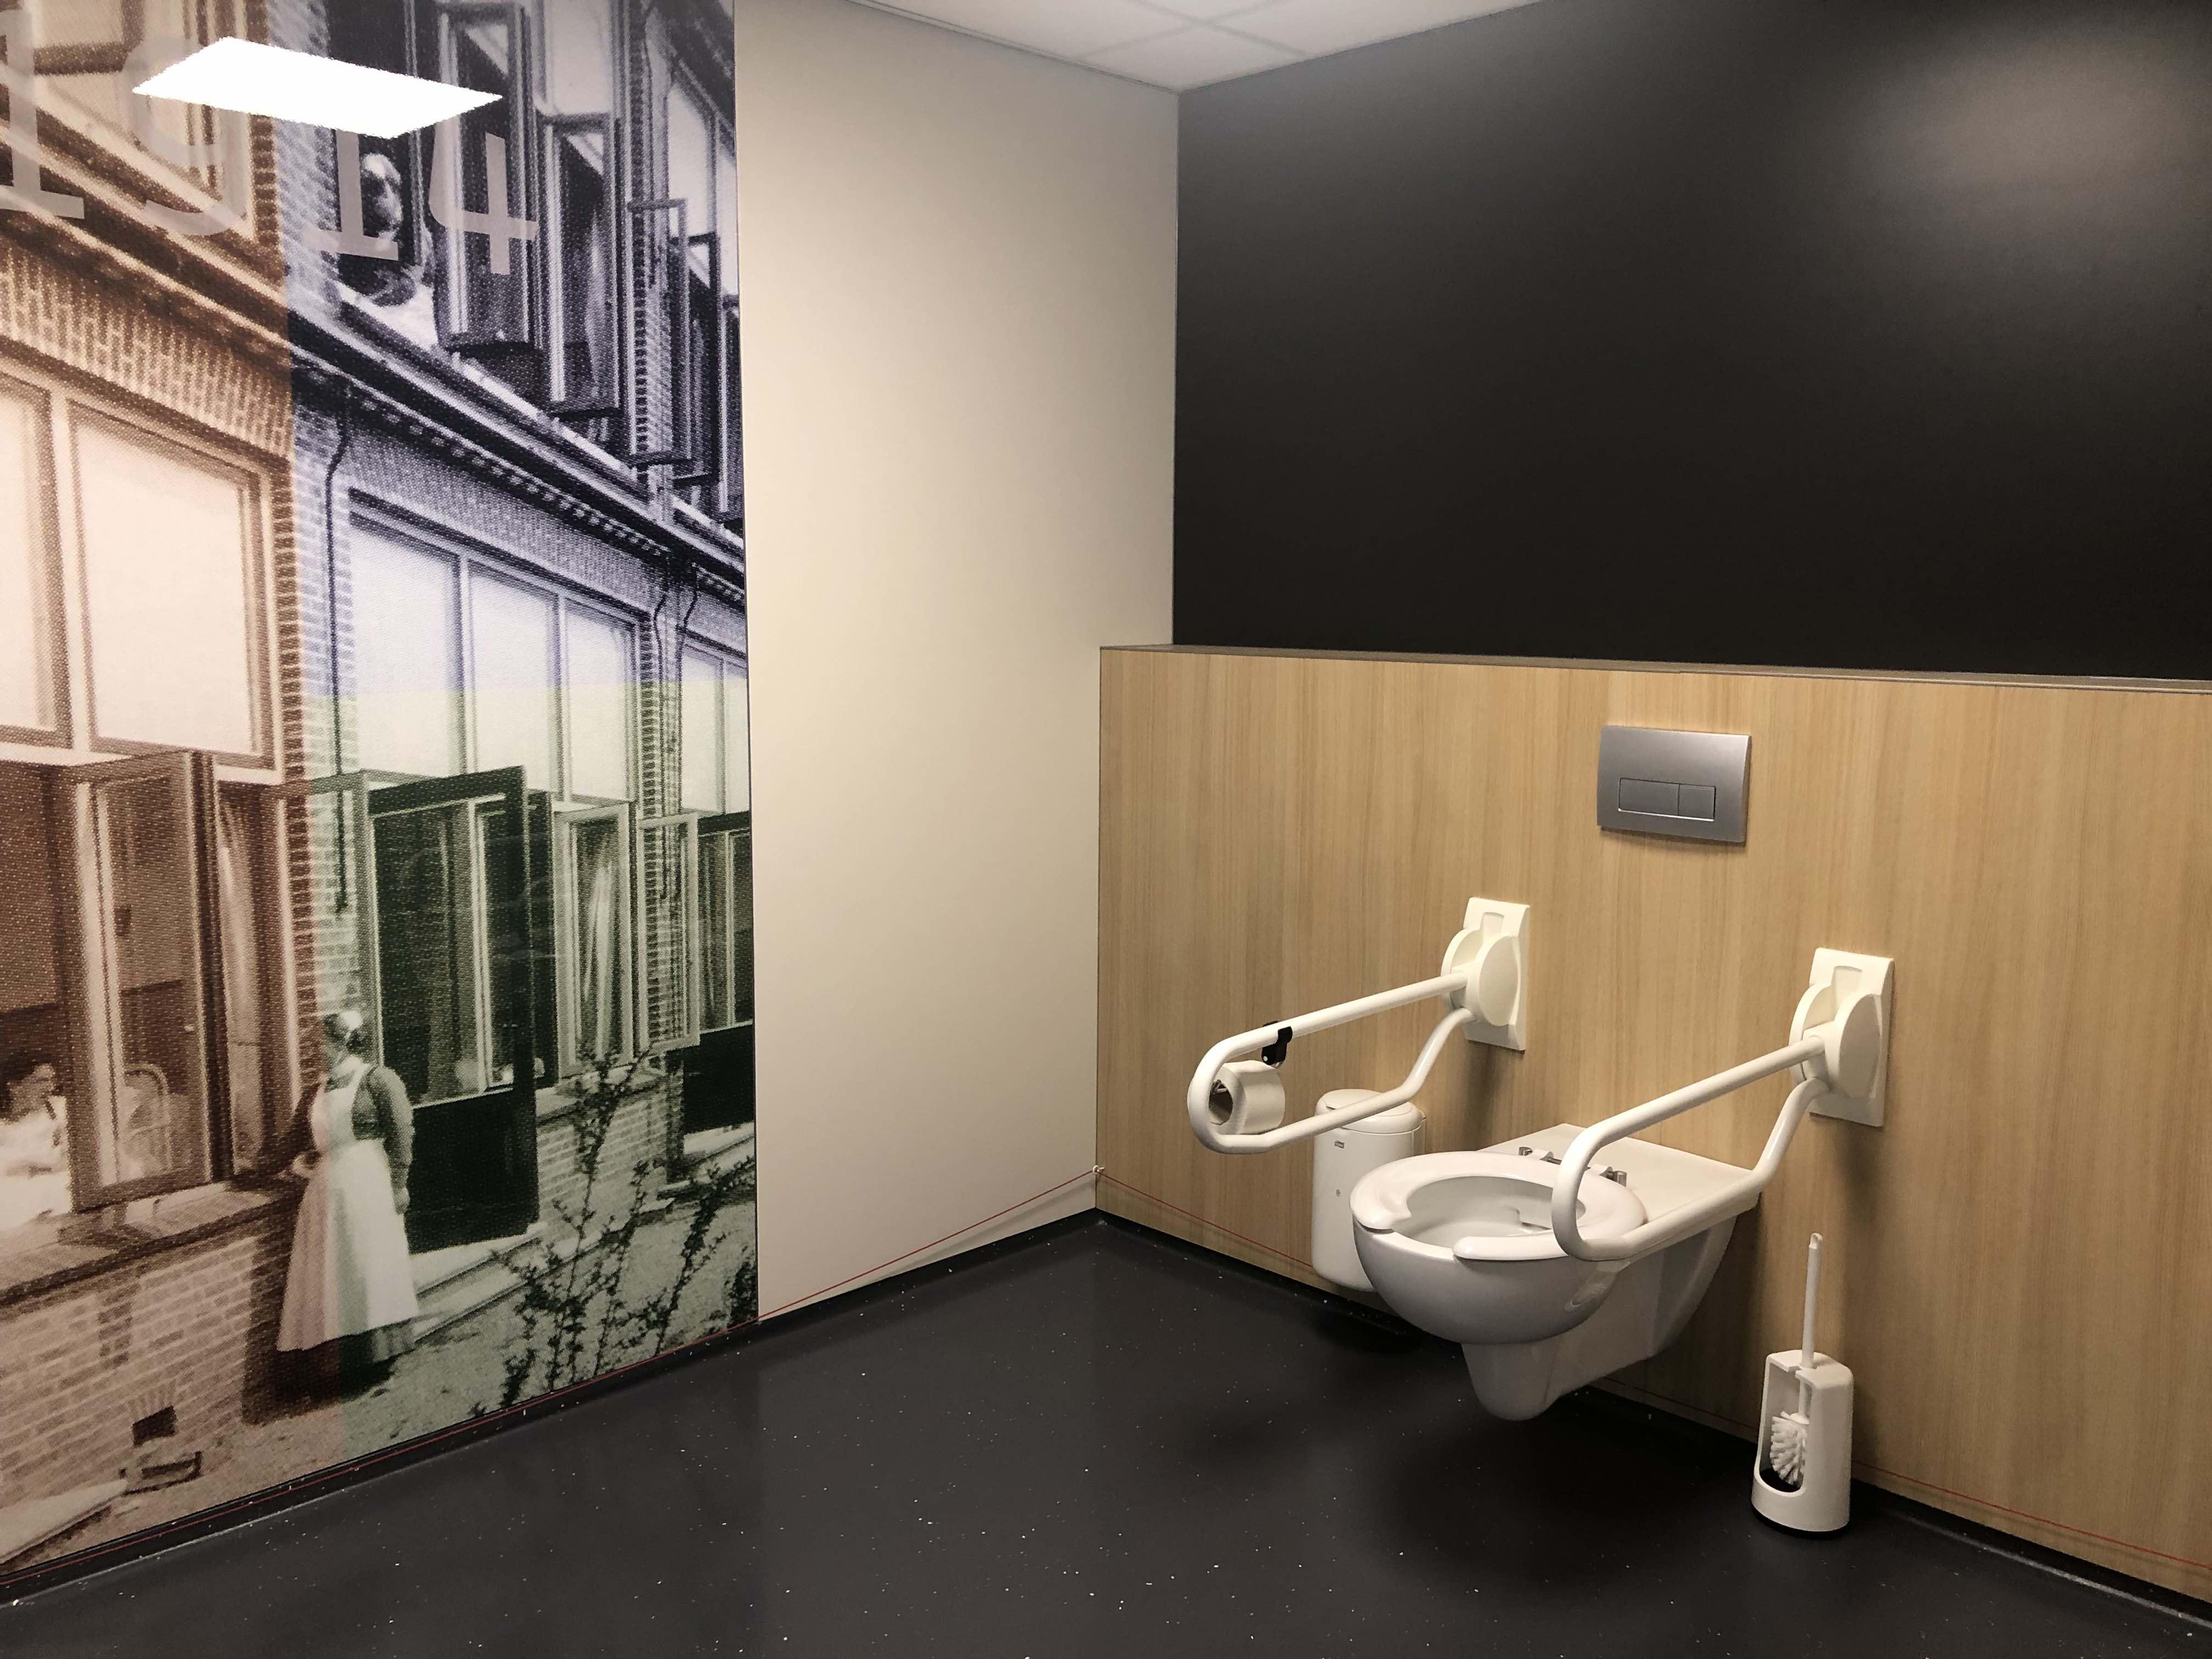 Toletto St. Antoniusziekenhuis toiletten 3